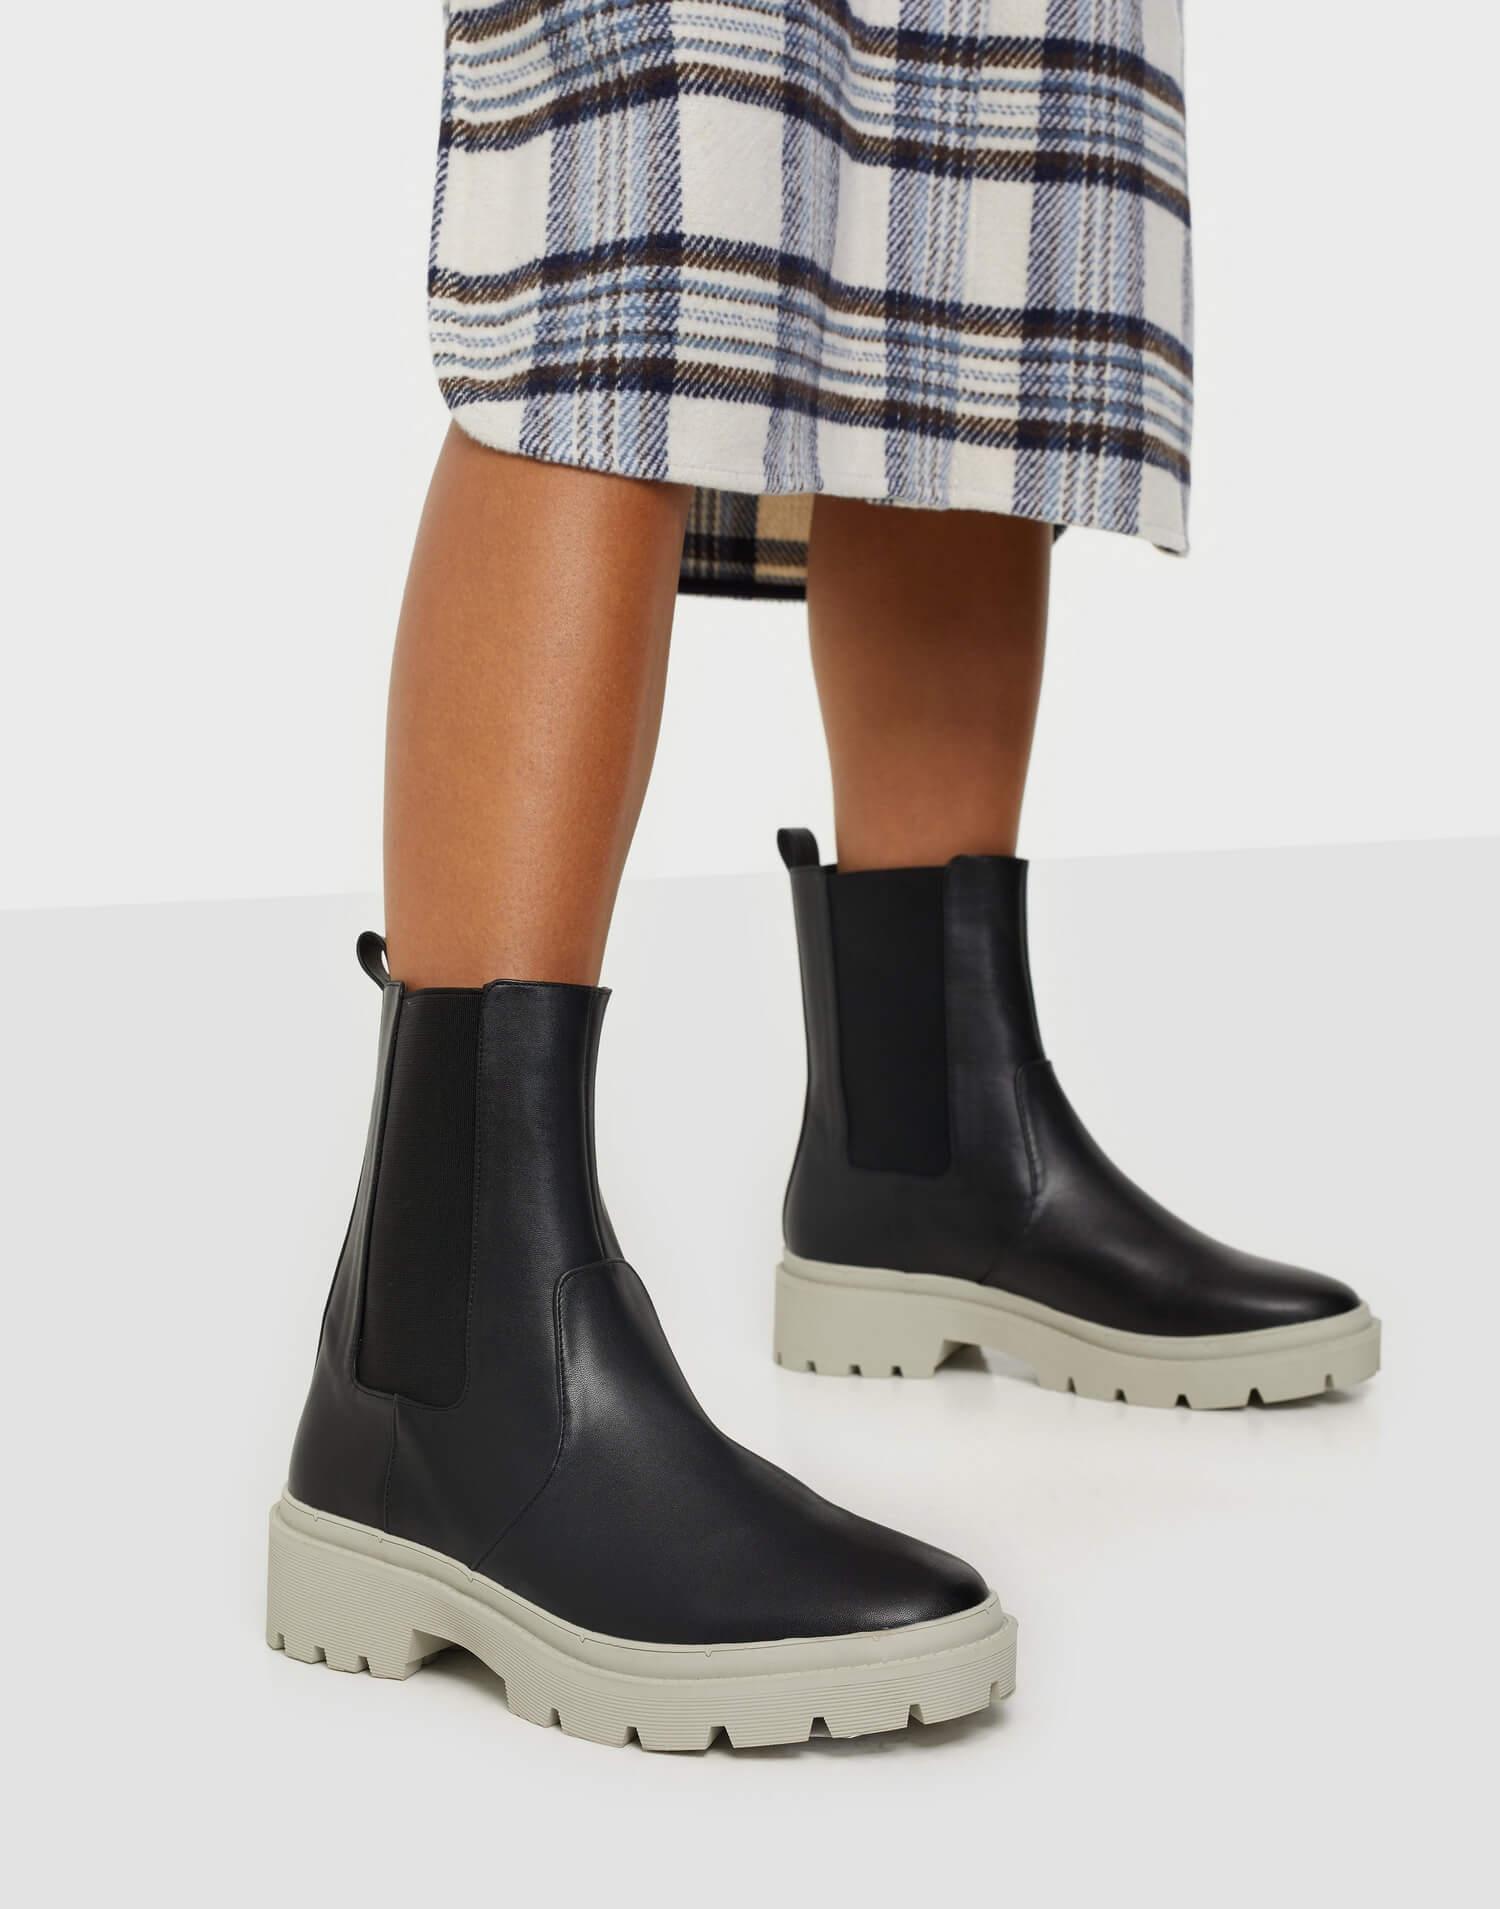 Svarta kängor i läderimitation med kontrastfärgad sula från NLY Shoes.